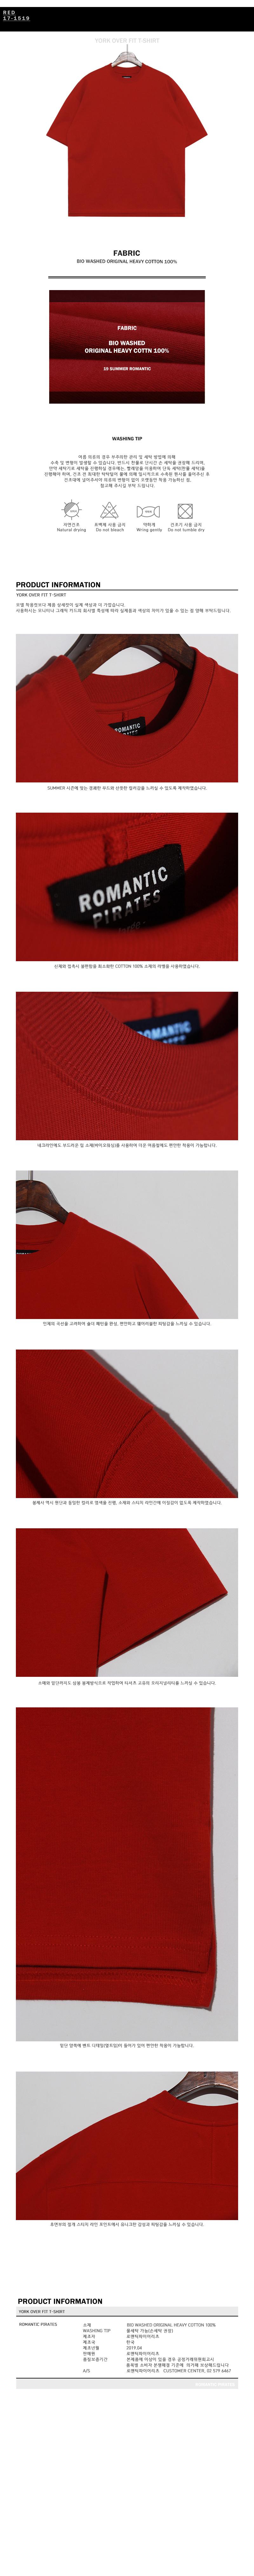 로맨틱 파이어리츠(ROMANTICPIRATES) YORK OVER FIT T-SHIRT(RED)